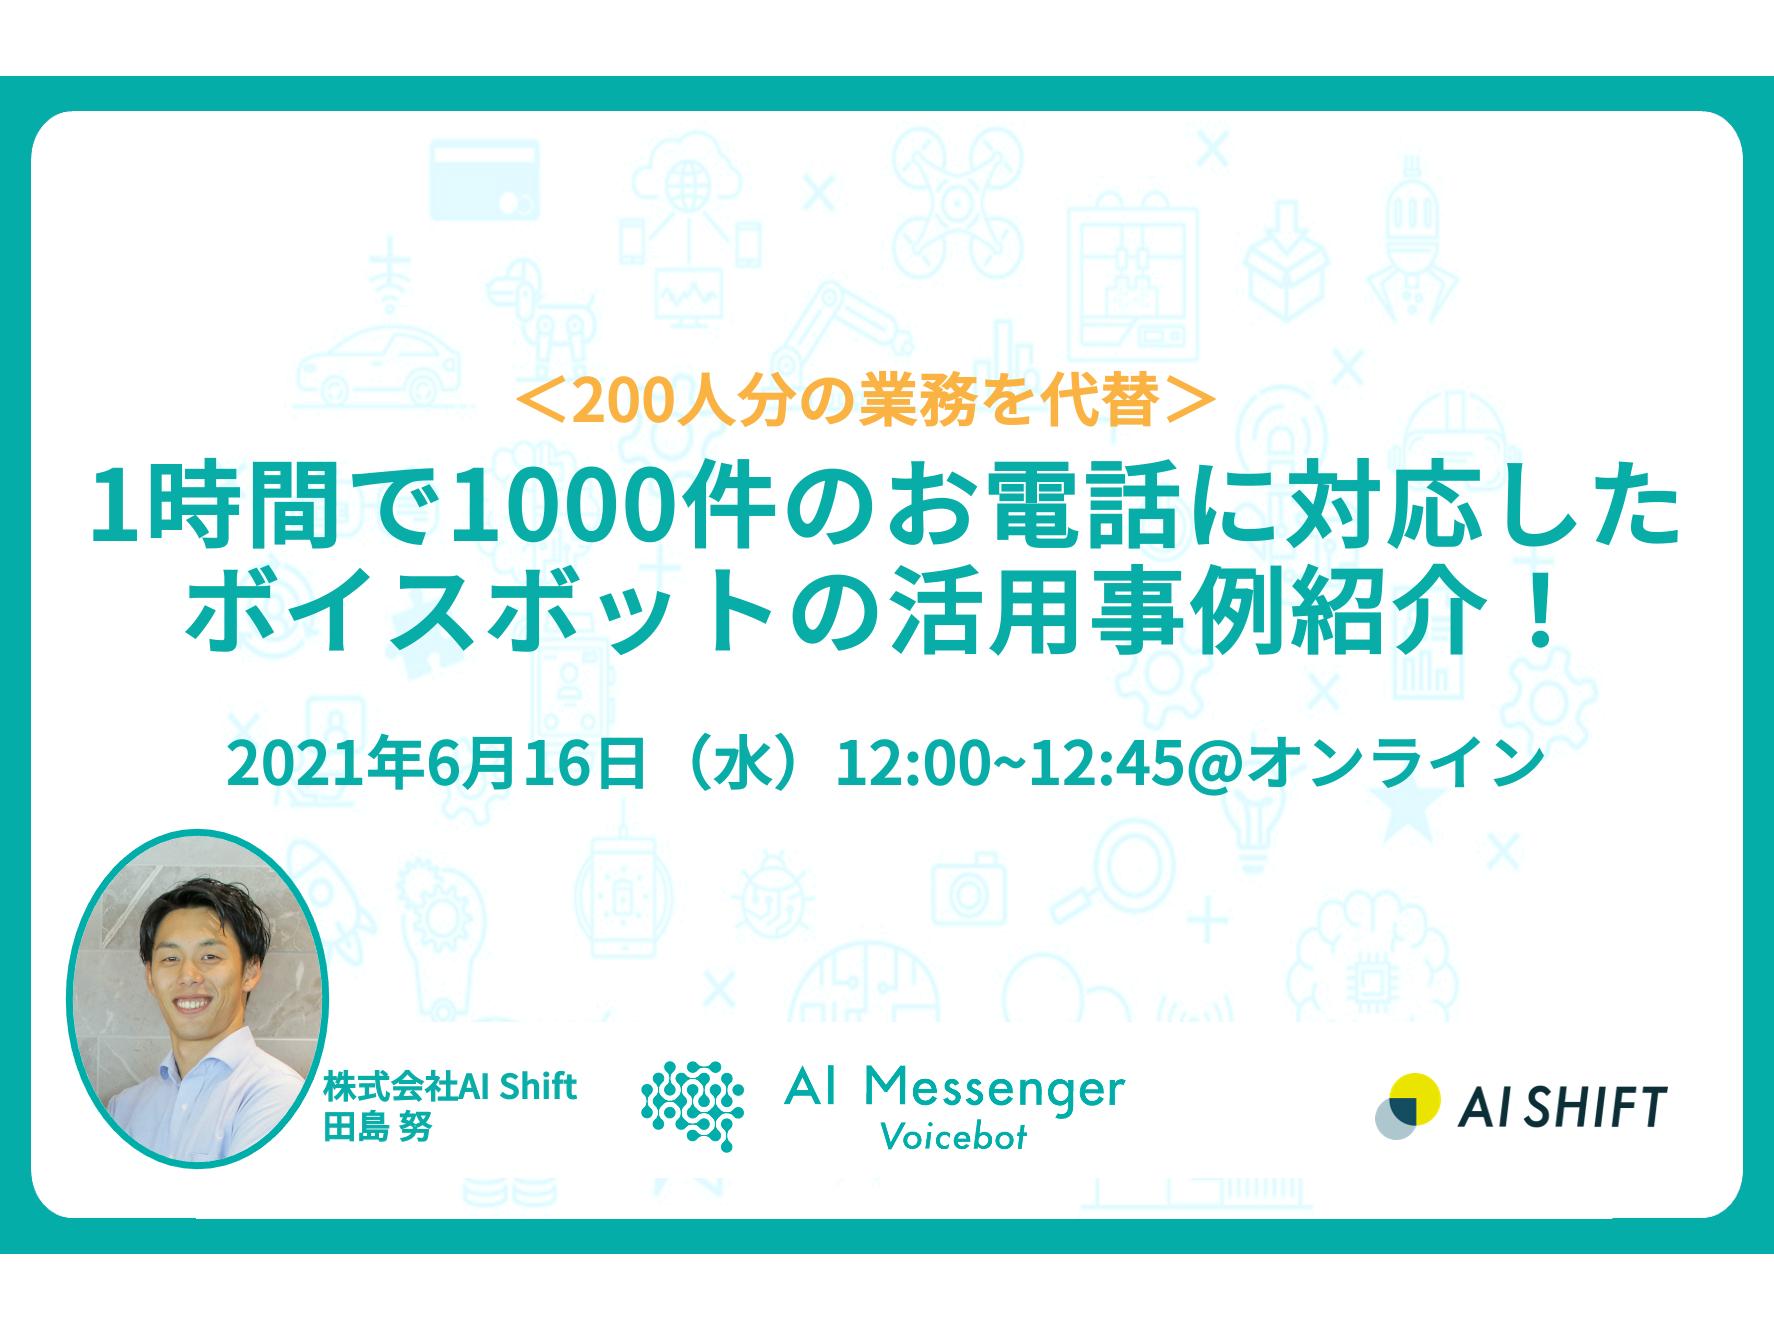 【6月16日(水)開催|オンラインセミナー】<200人分の業務を代替>1時間で1000件のお電話に対応したボイスボットの活用事例紹介!